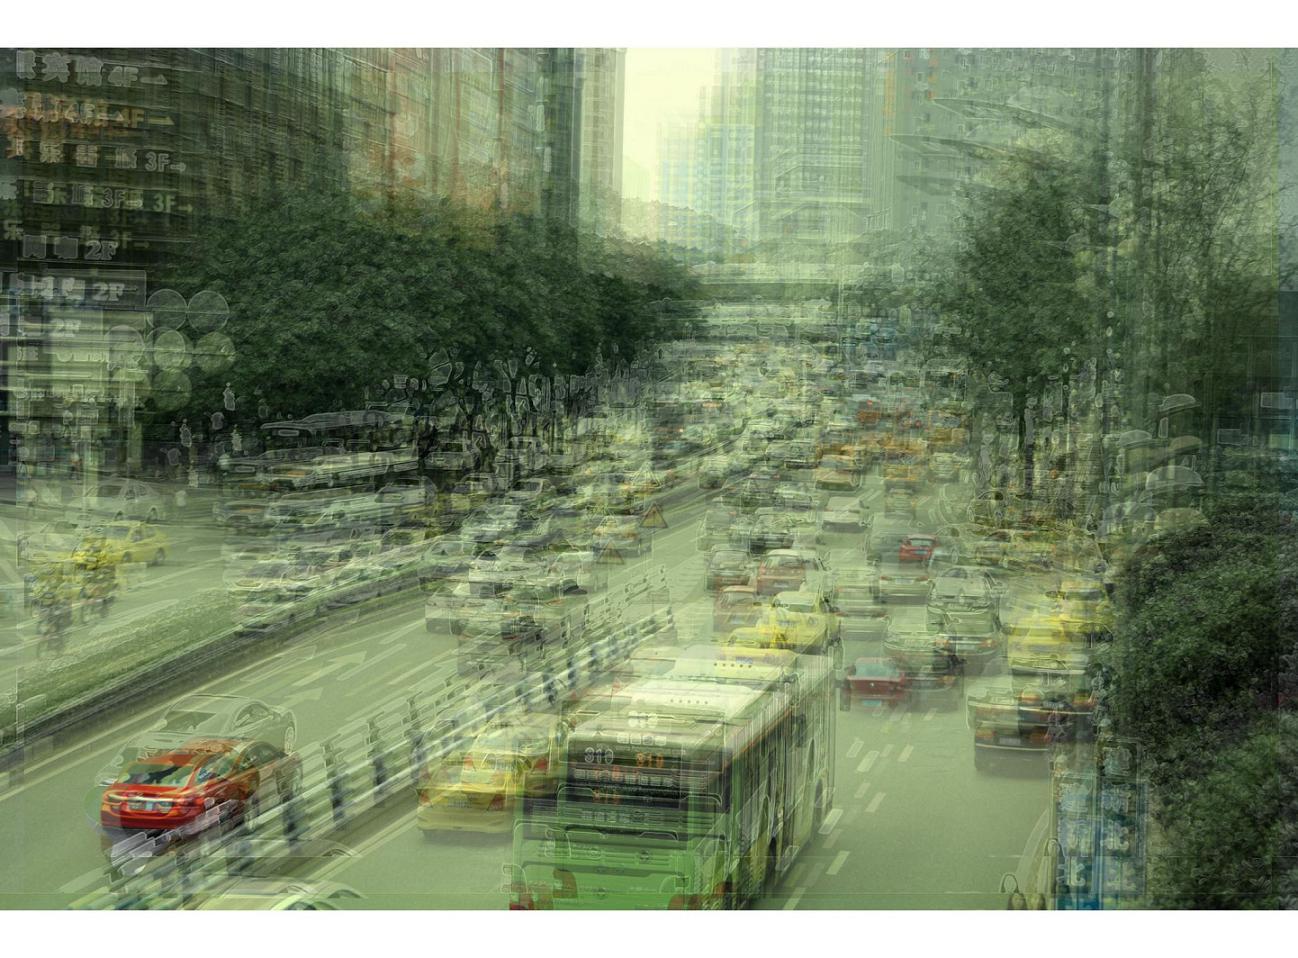 黑武器作品:我们的城市